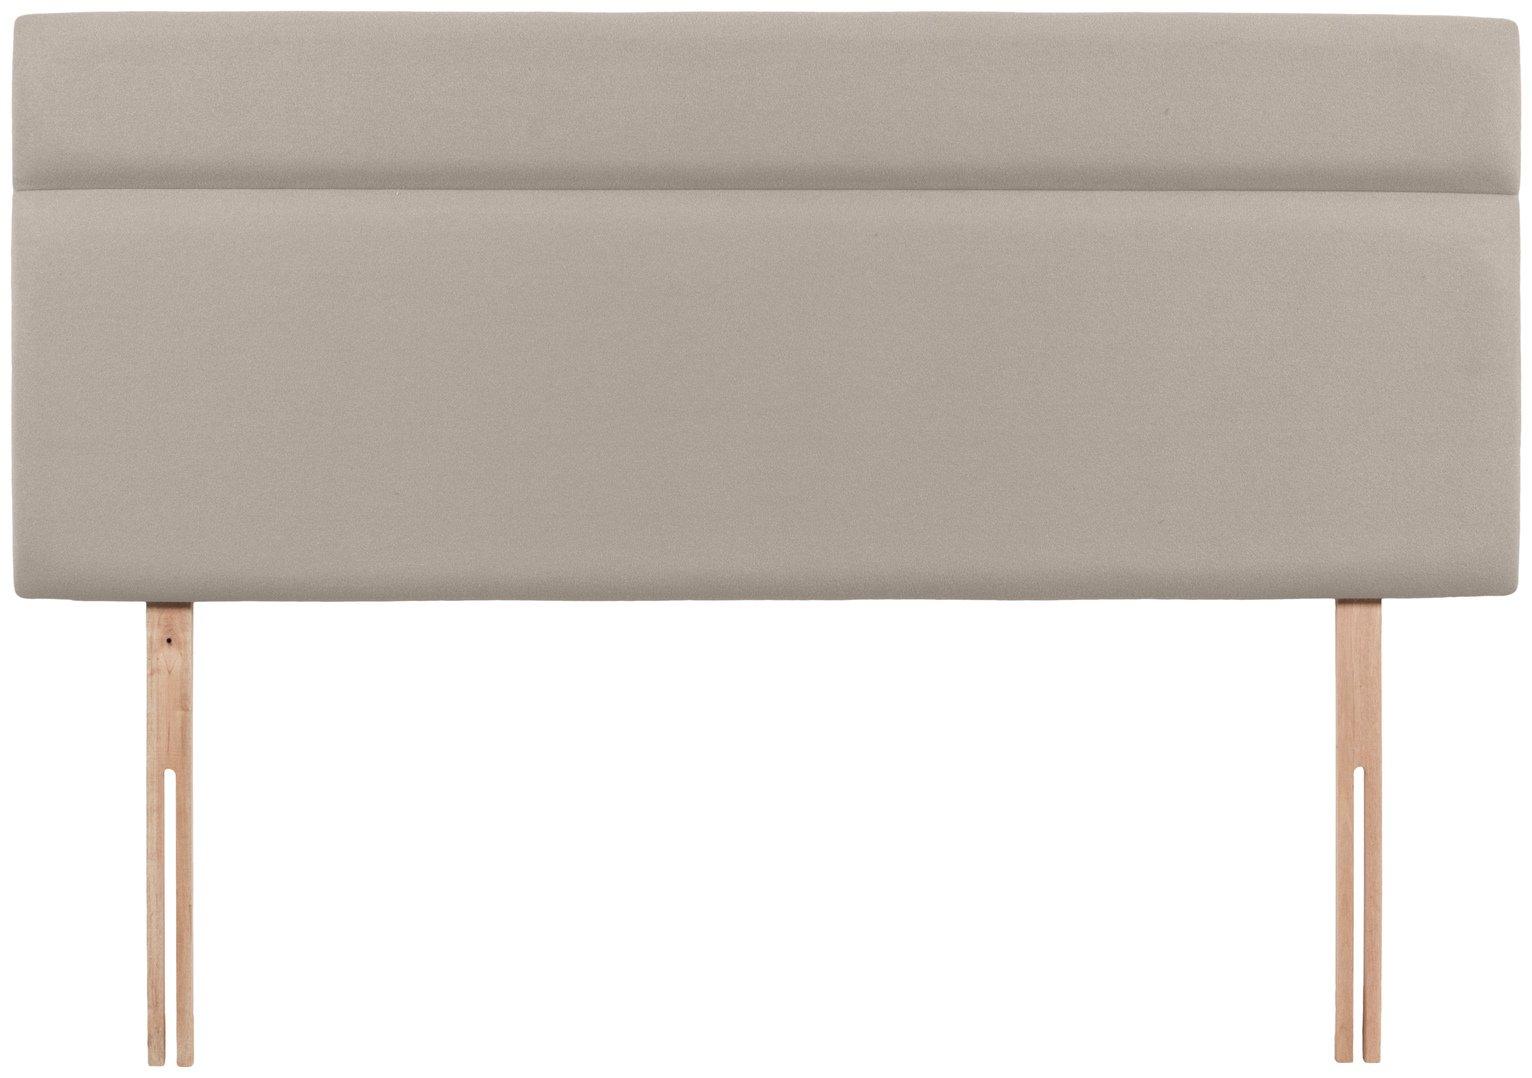 Airsprung Nile Double Headboard - Sandstone